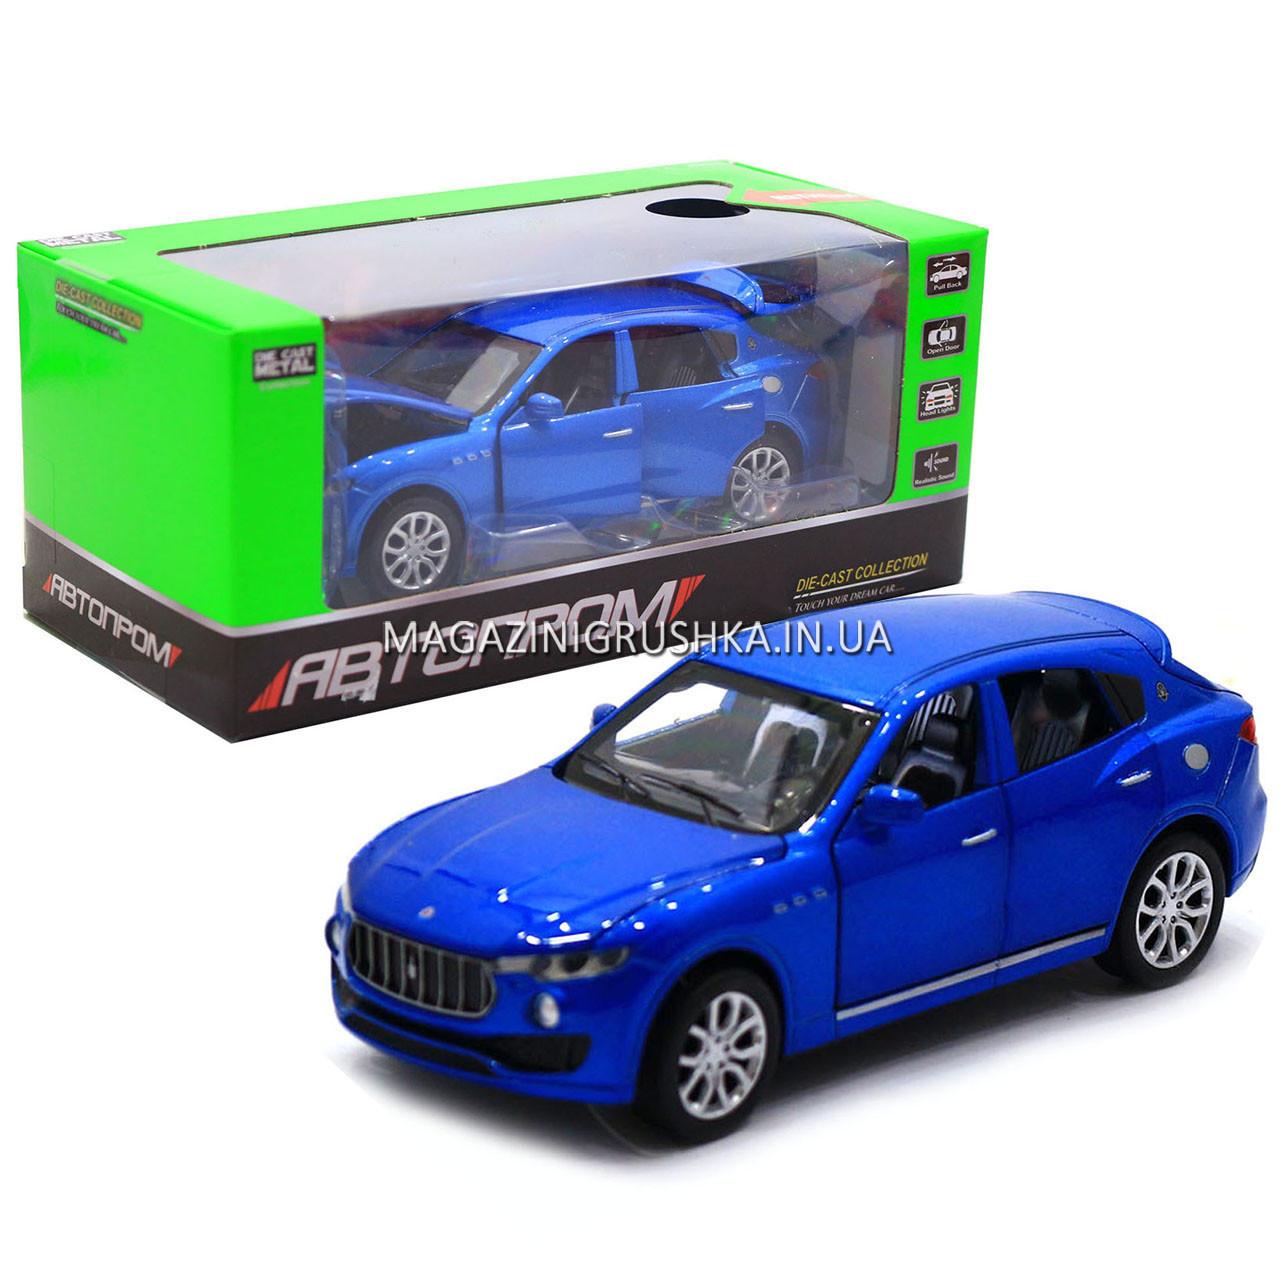 Машинка ігрова автопром «Maserati levante», 14 см, світло, звук, двері відкриваються, синій (7641)